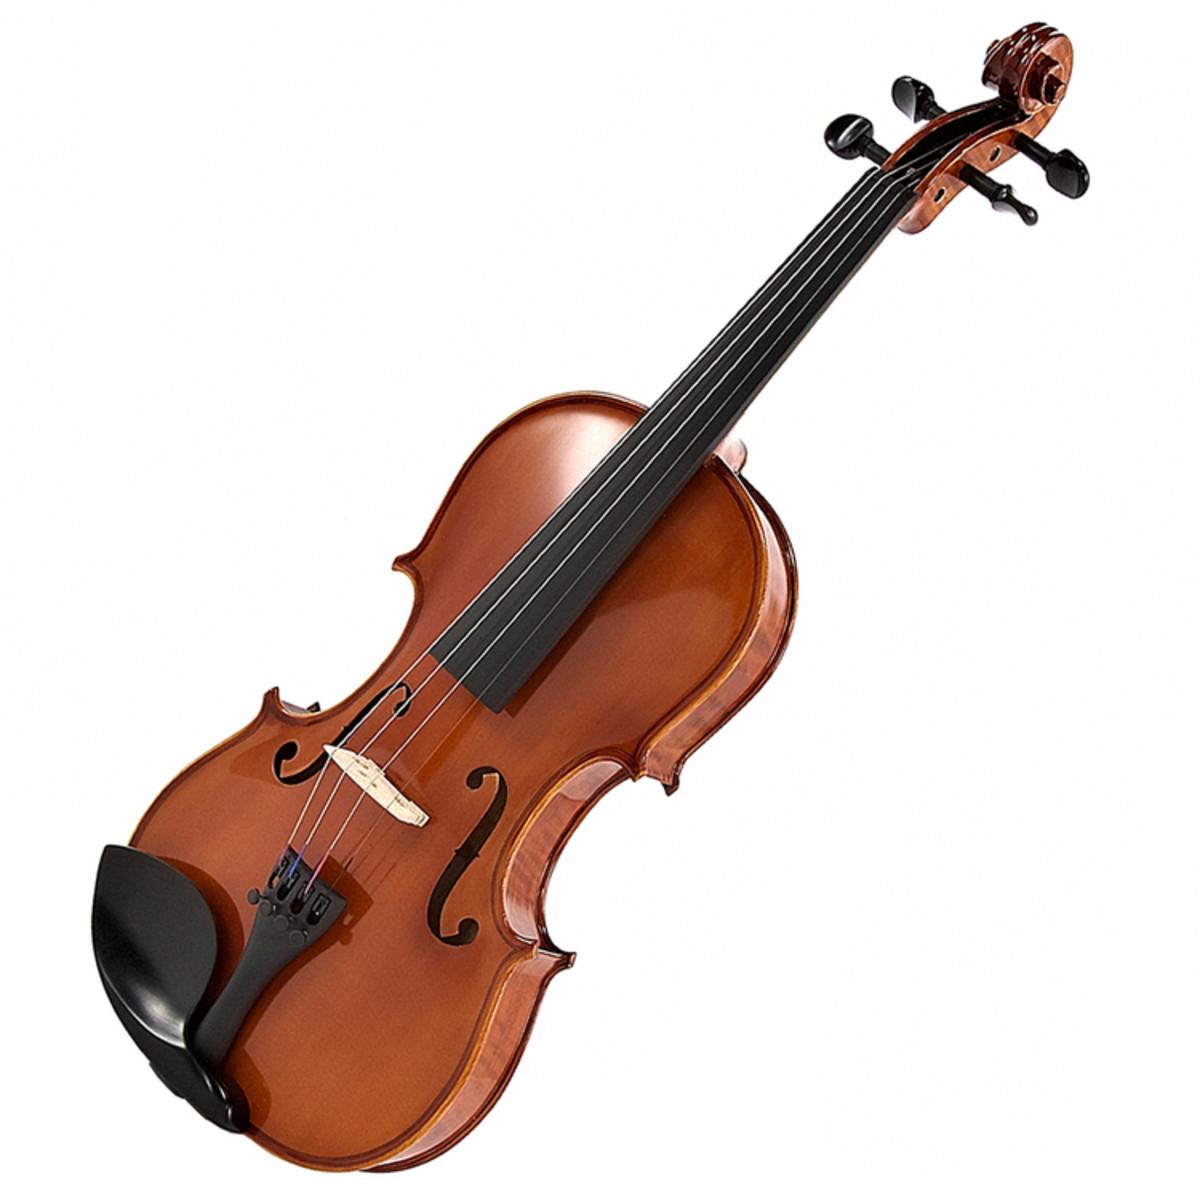 tudiant plus violon 1 4 par gear4music ex d mo. Black Bedroom Furniture Sets. Home Design Ideas